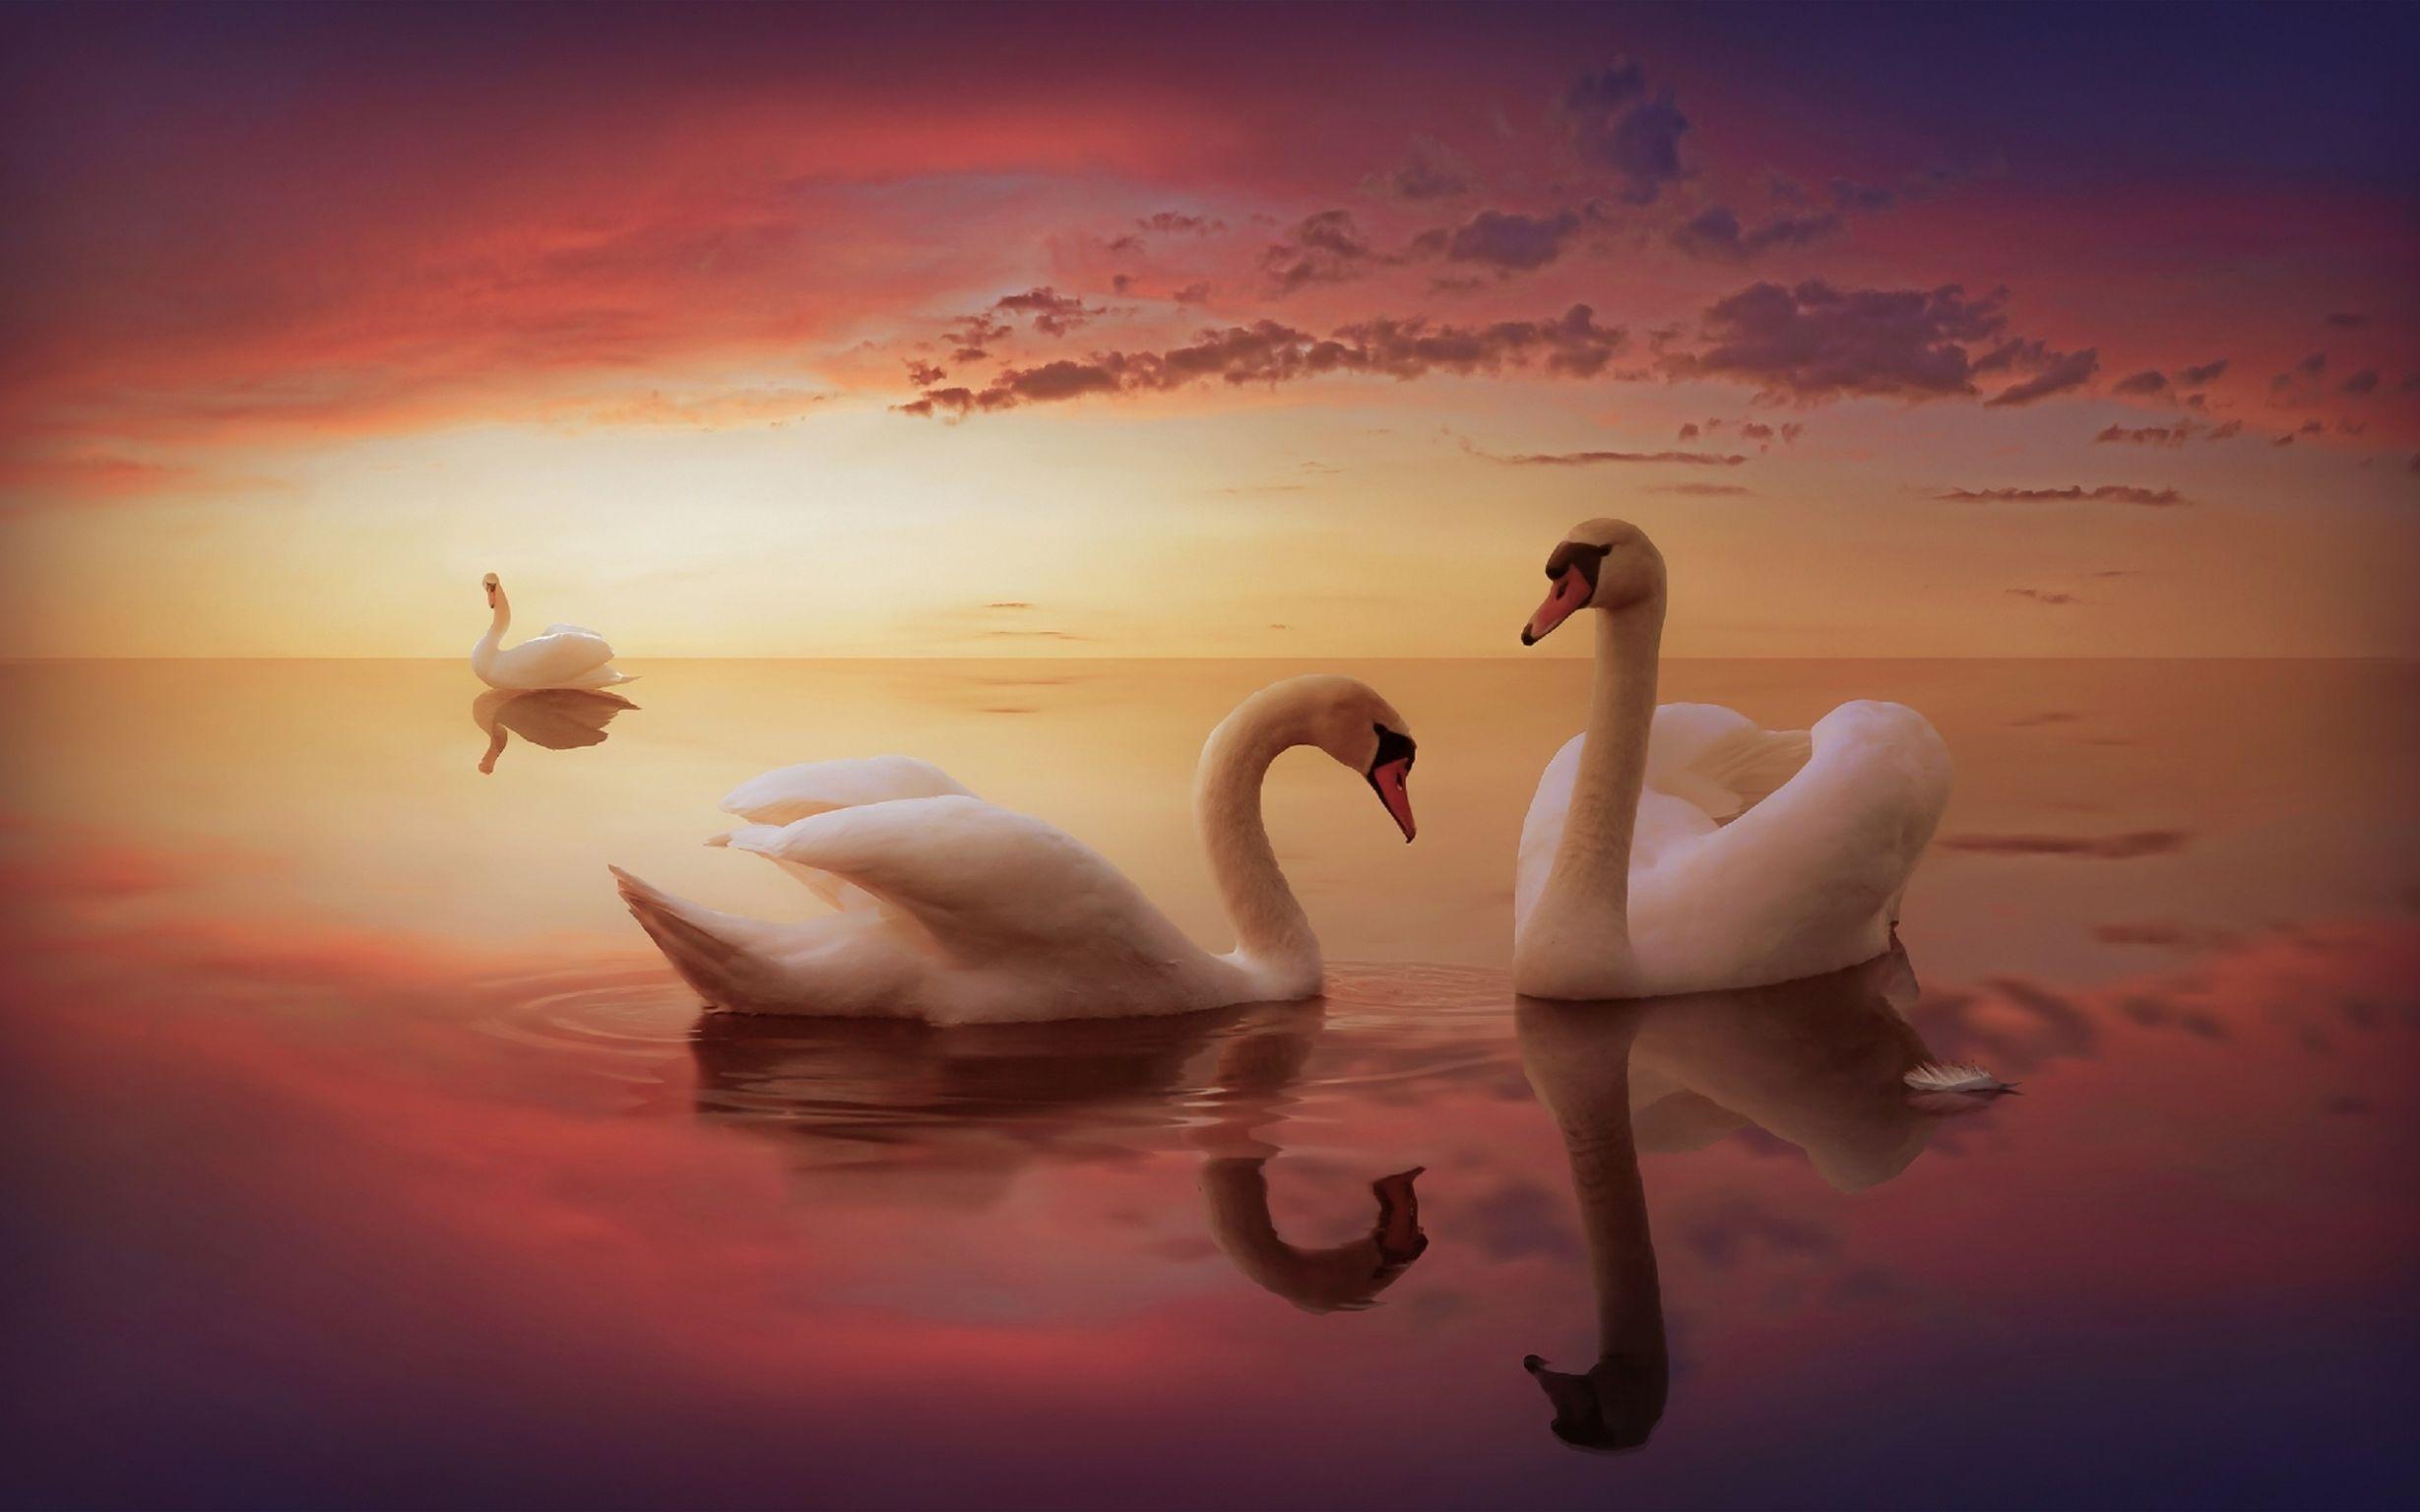 Открытки красивые с лебедями, слезы смешные картинки